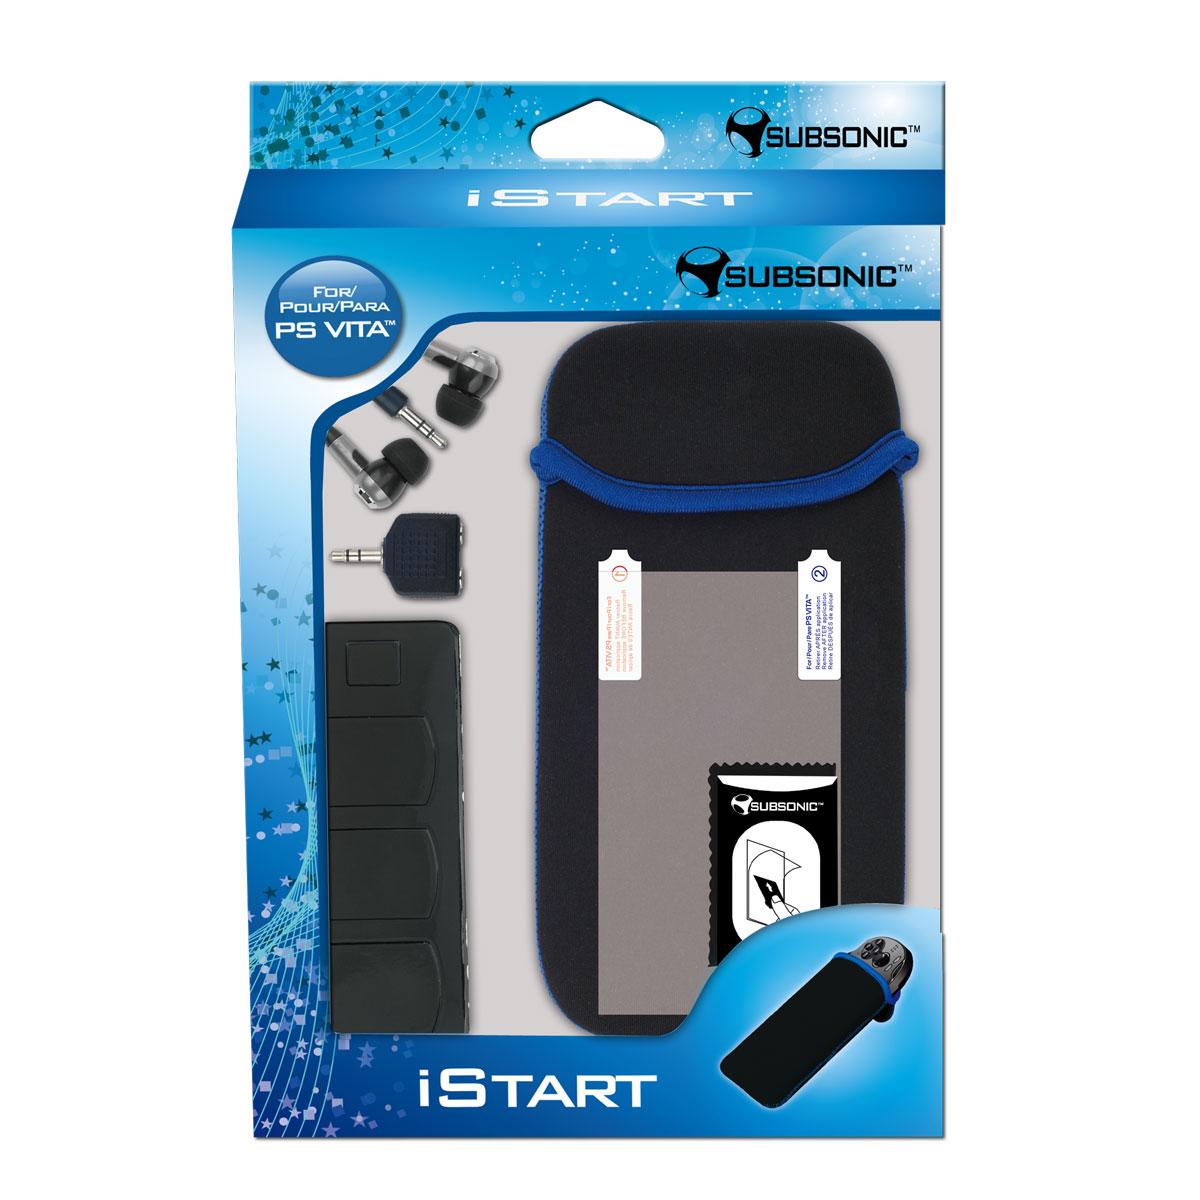 Accessoires PS Vita SubSonic iStart (PS Vita) Sacoche + Film protecteur + boitier de transport + écouteurs + répartiteur audio pour PS Vita